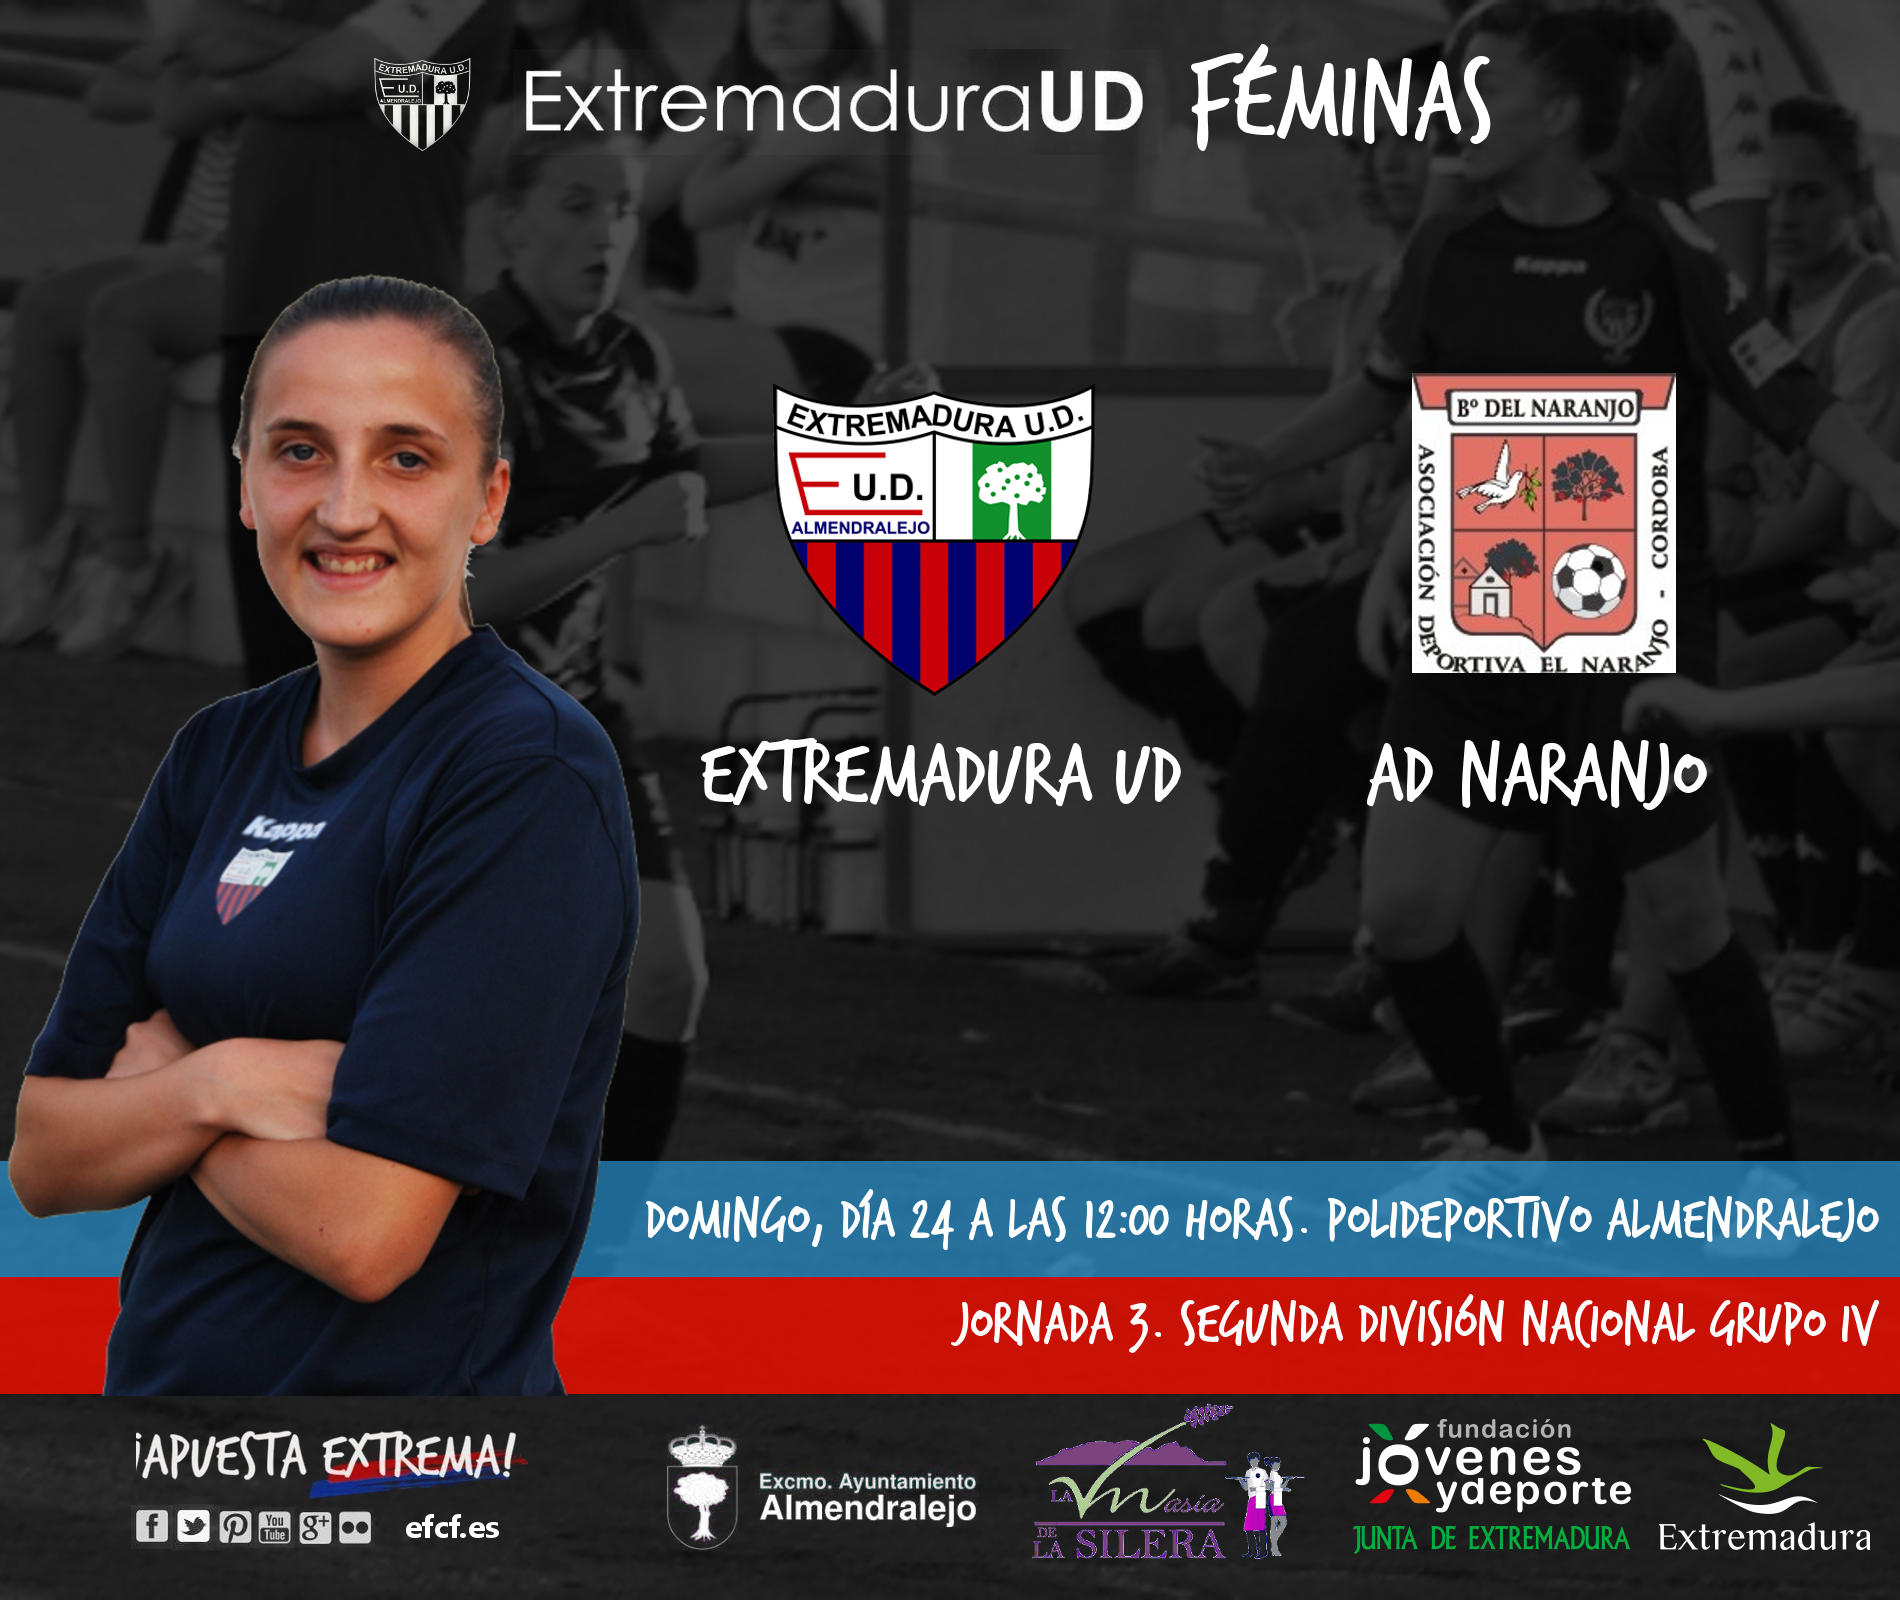 Segunda División Grupo IV | Jornada 3 Extremadura UD v AD Naranjo El ...